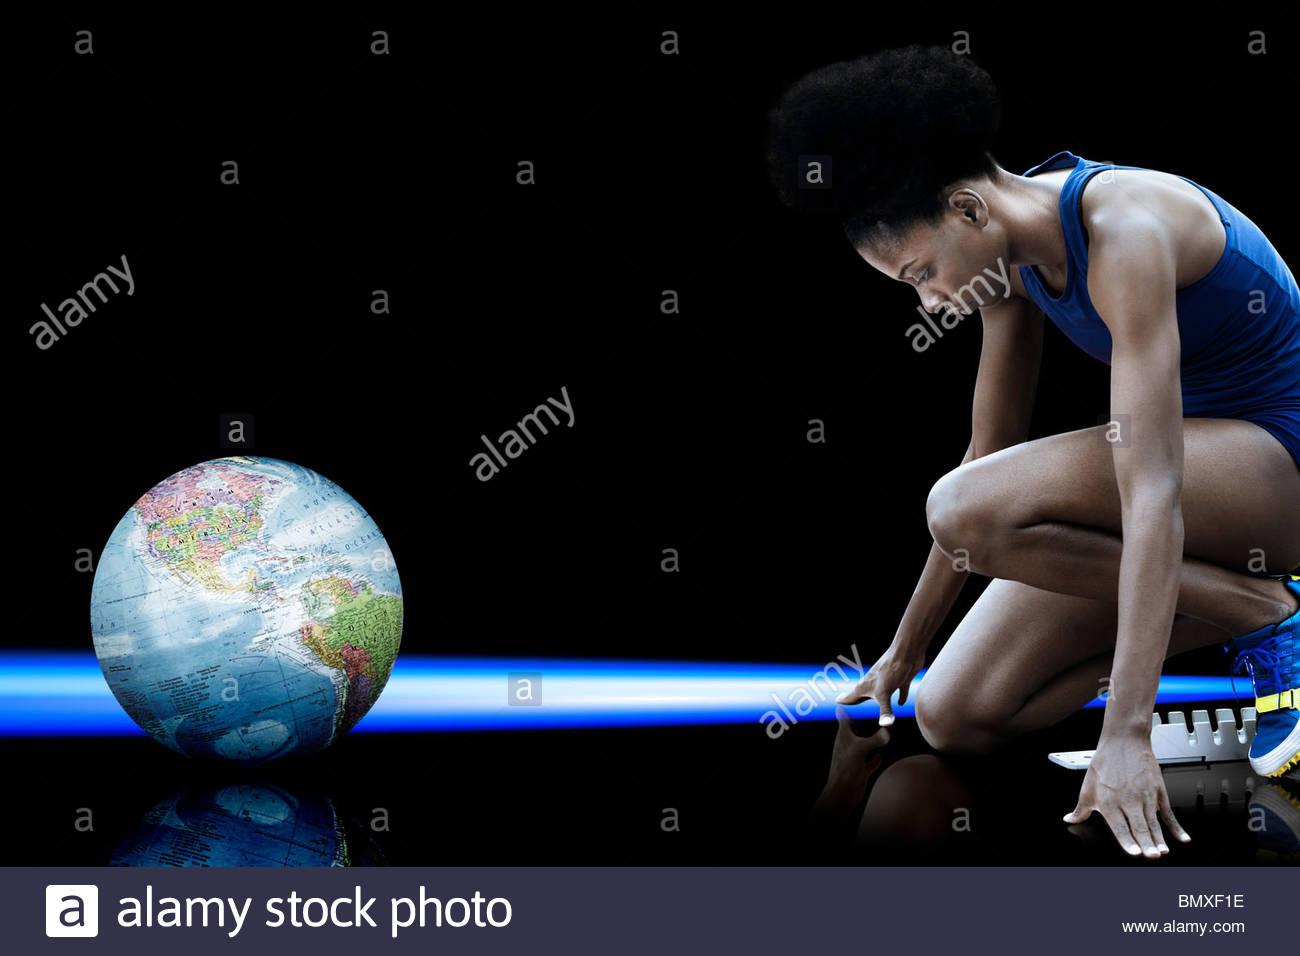 Female athlete and globe - Stock Image